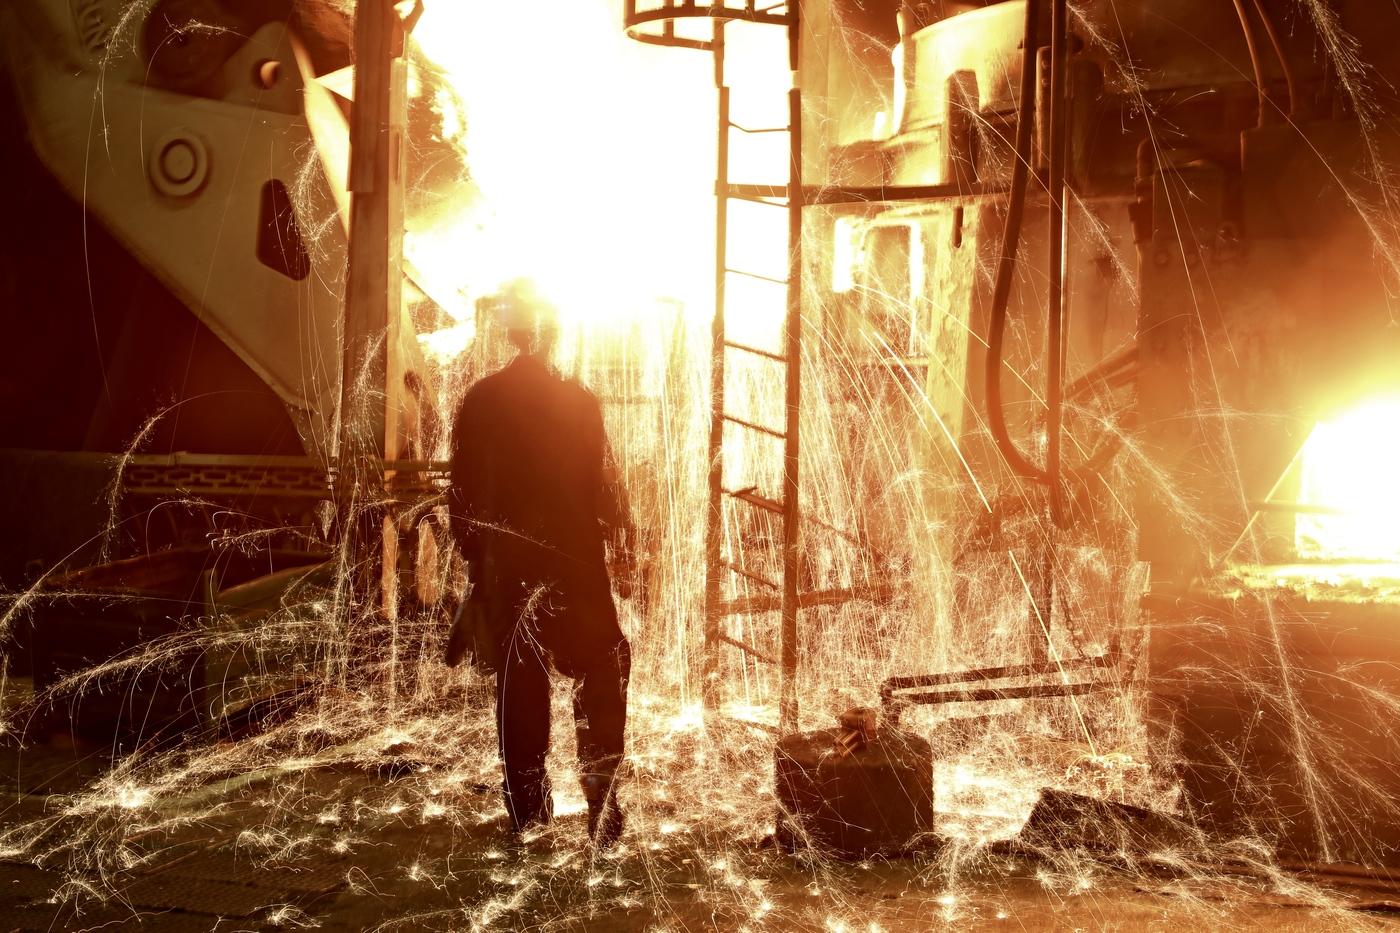 Кадр дня: Литейный завод ПАО «КАМАЗ». Печь выдержки металла